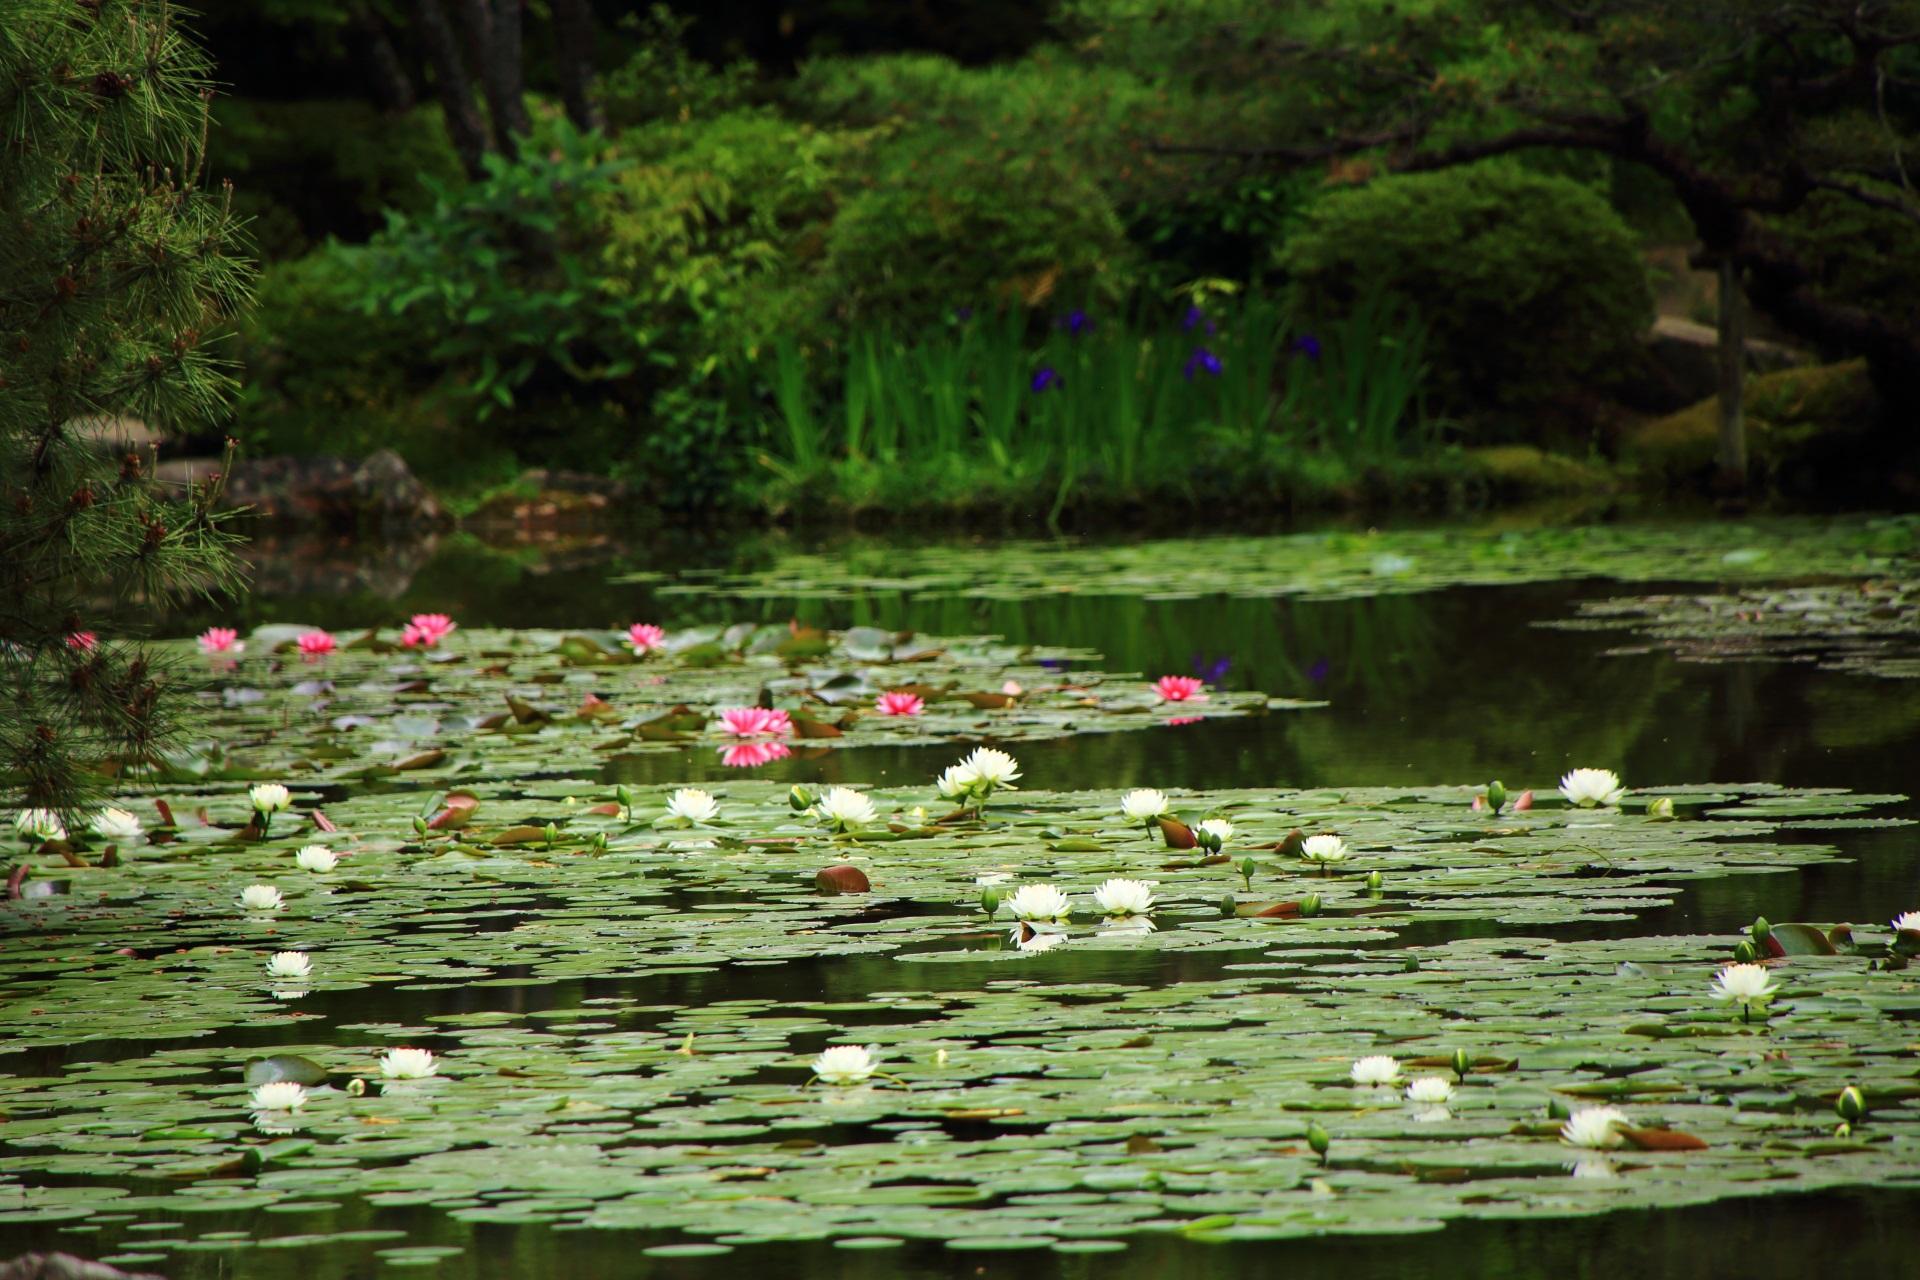 平安神宮の深い緑につつまれる華やかな睡蓮